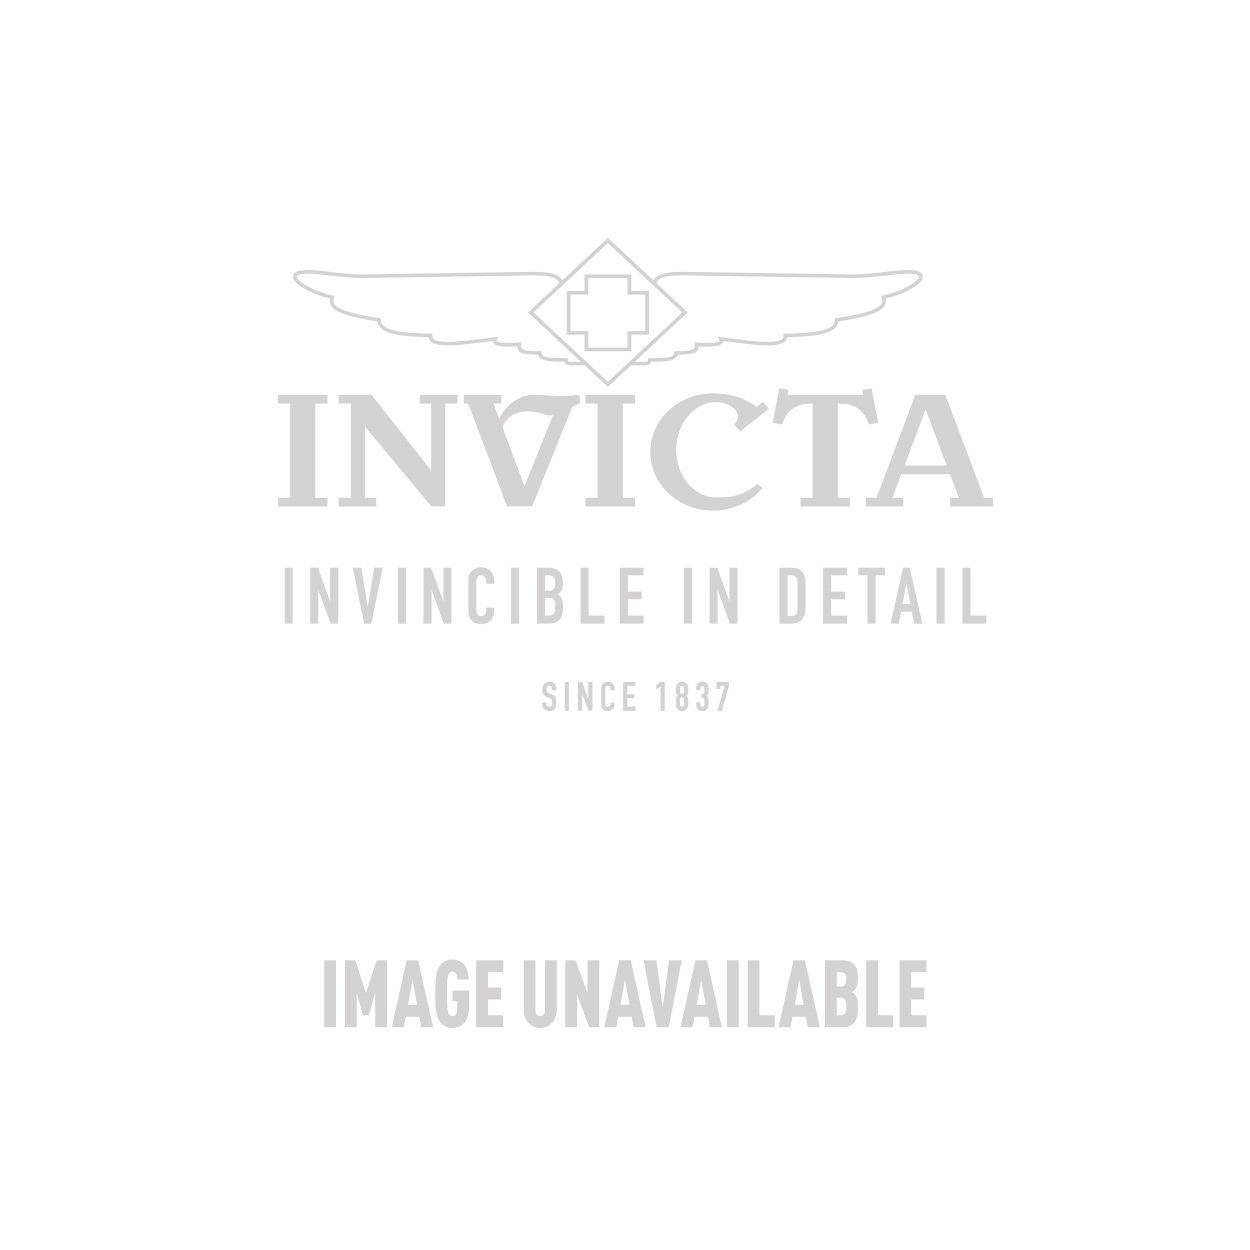 Invicta Model 24934